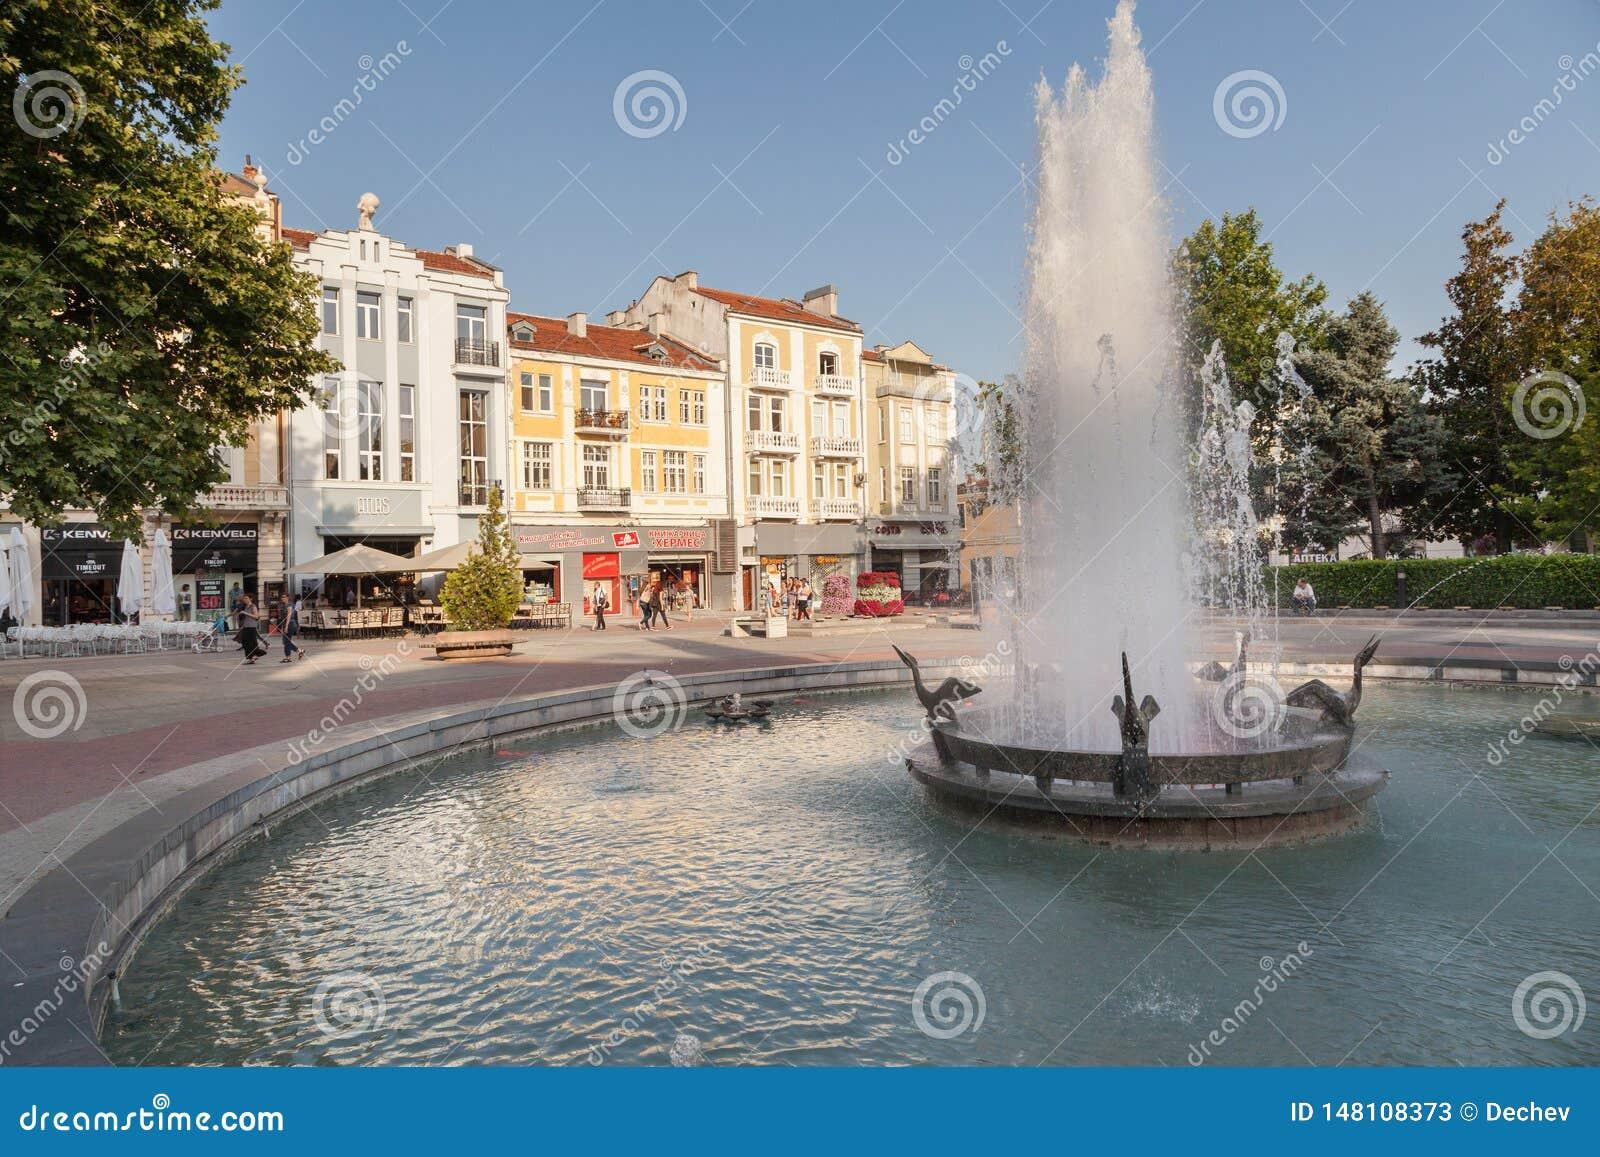 PLOVDIV, BULGÁRIA - 2 DE JULHO DE 2017: Ideia da fonte na rua do quintal e do quadrado central em Plovdiv, Bulgária Plovdiv é